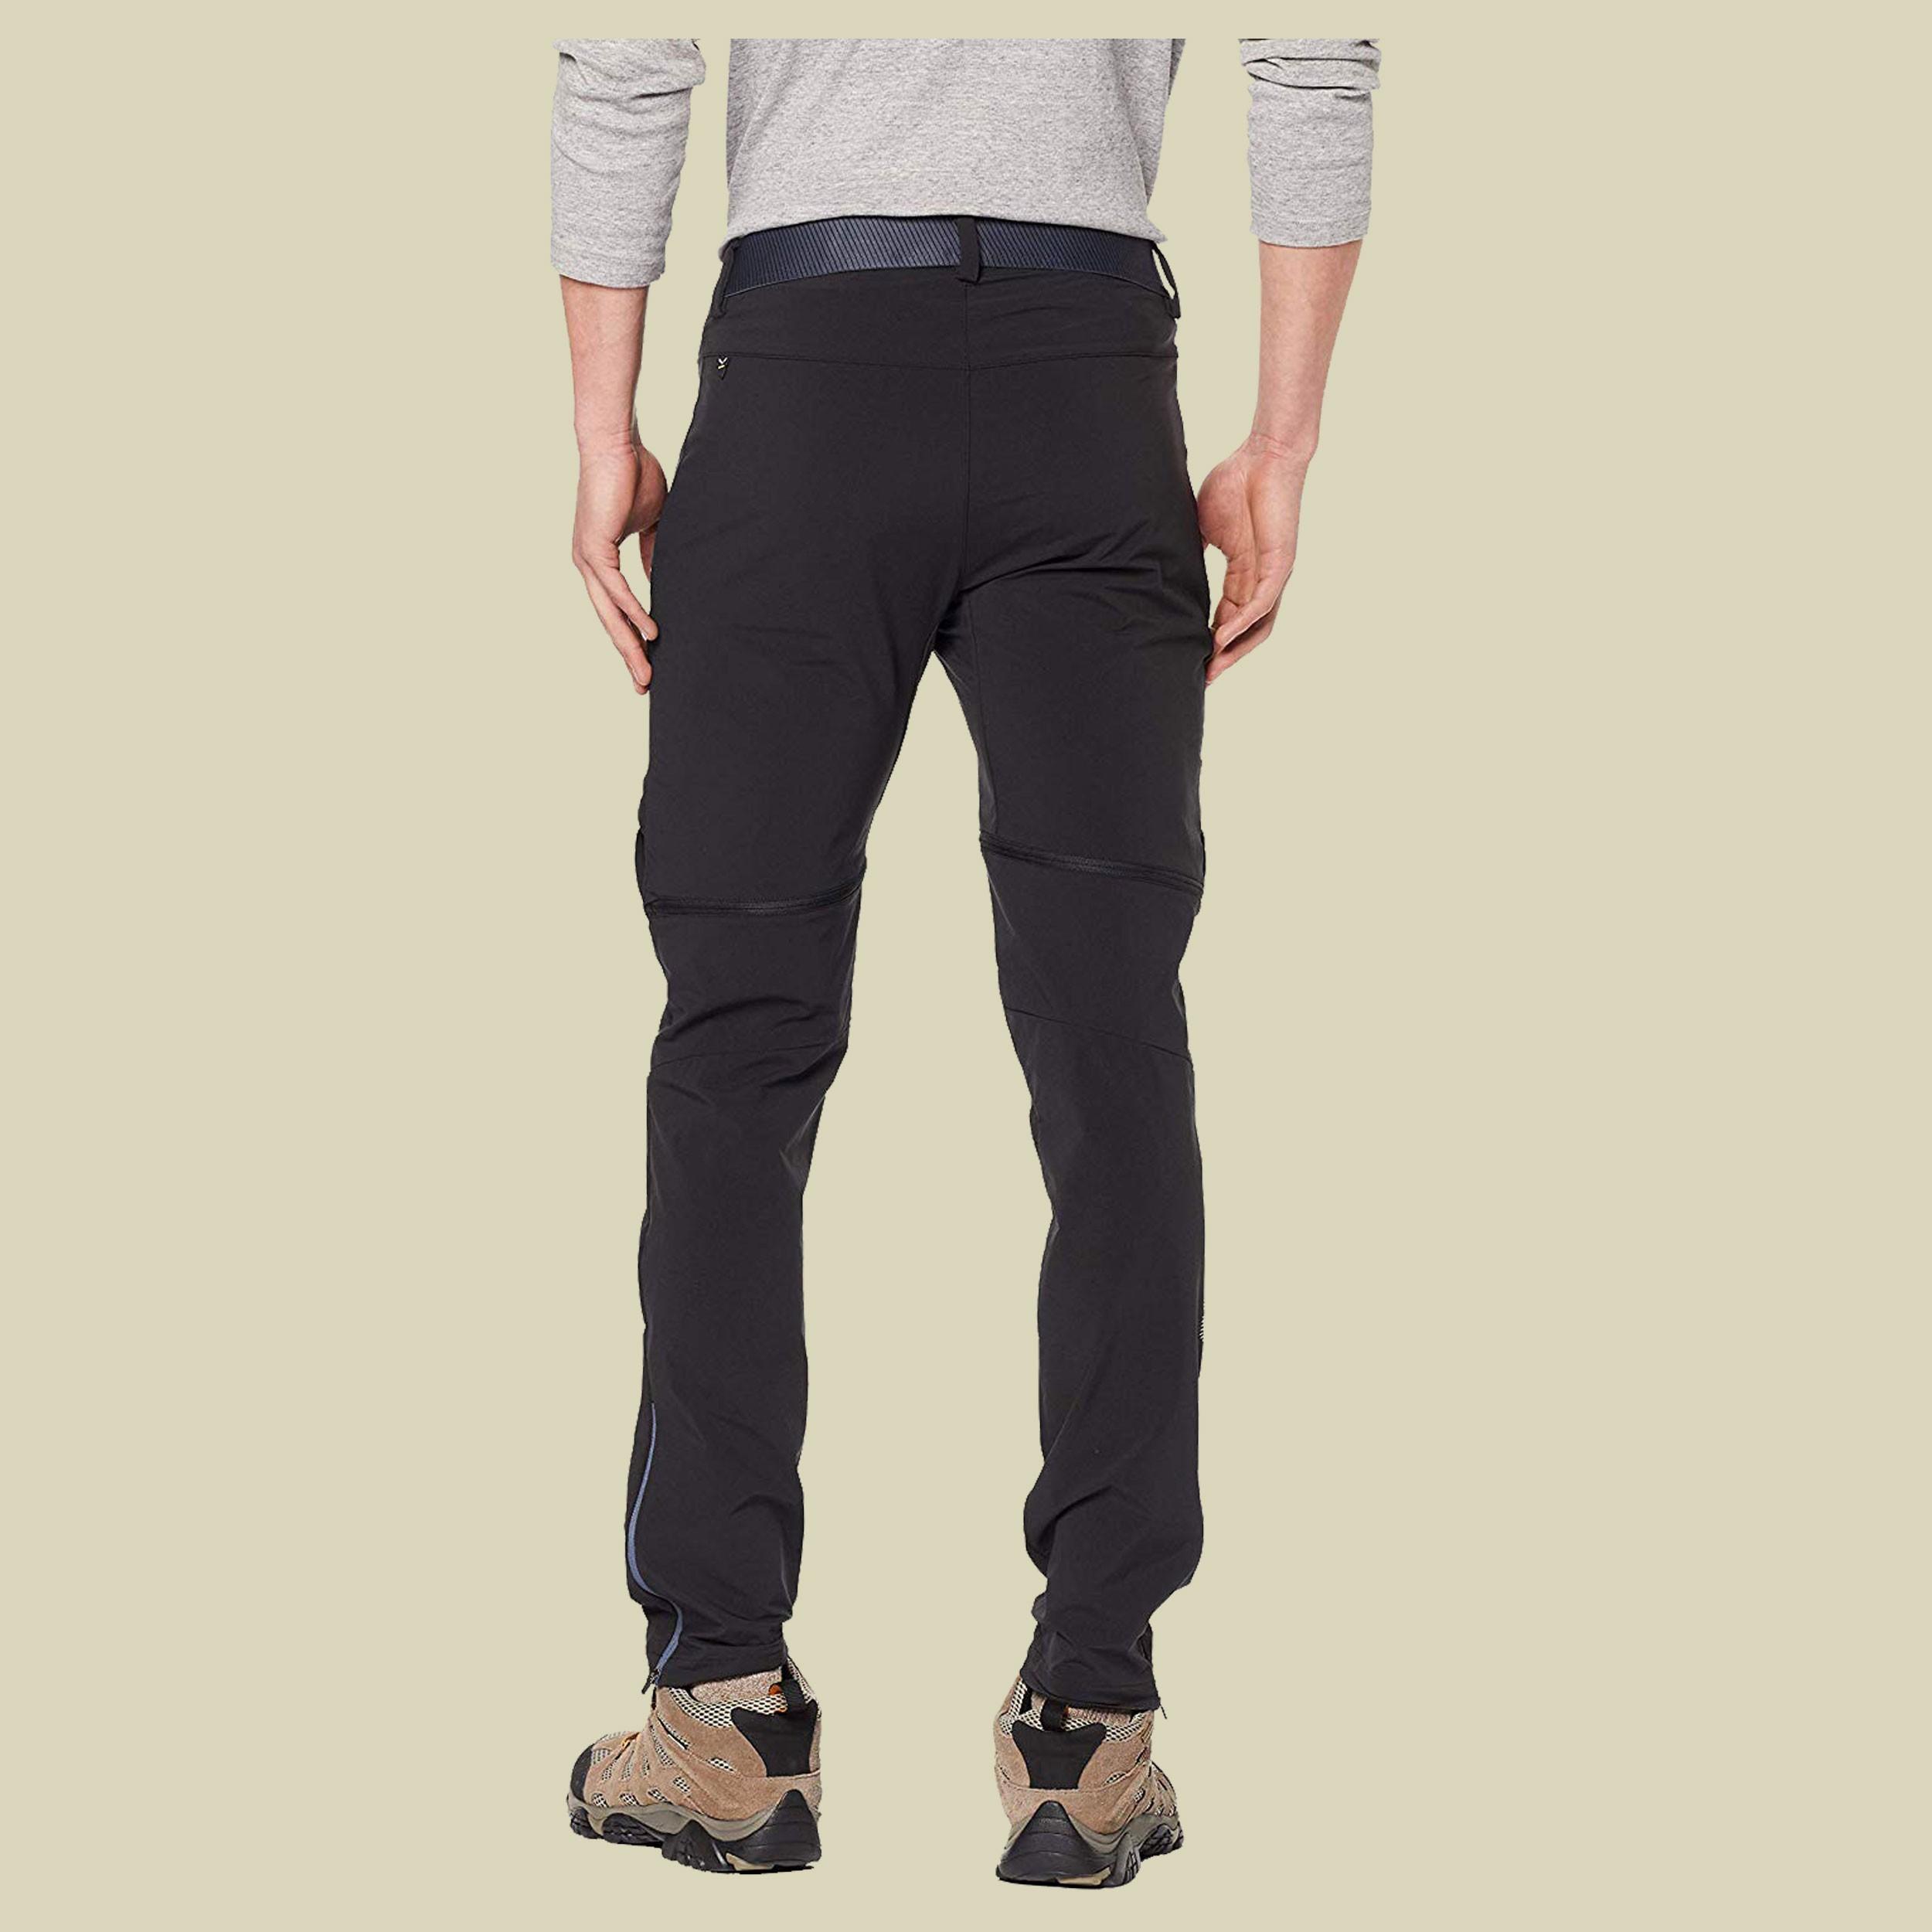 Pedroc DST M 2/1 Pant Men